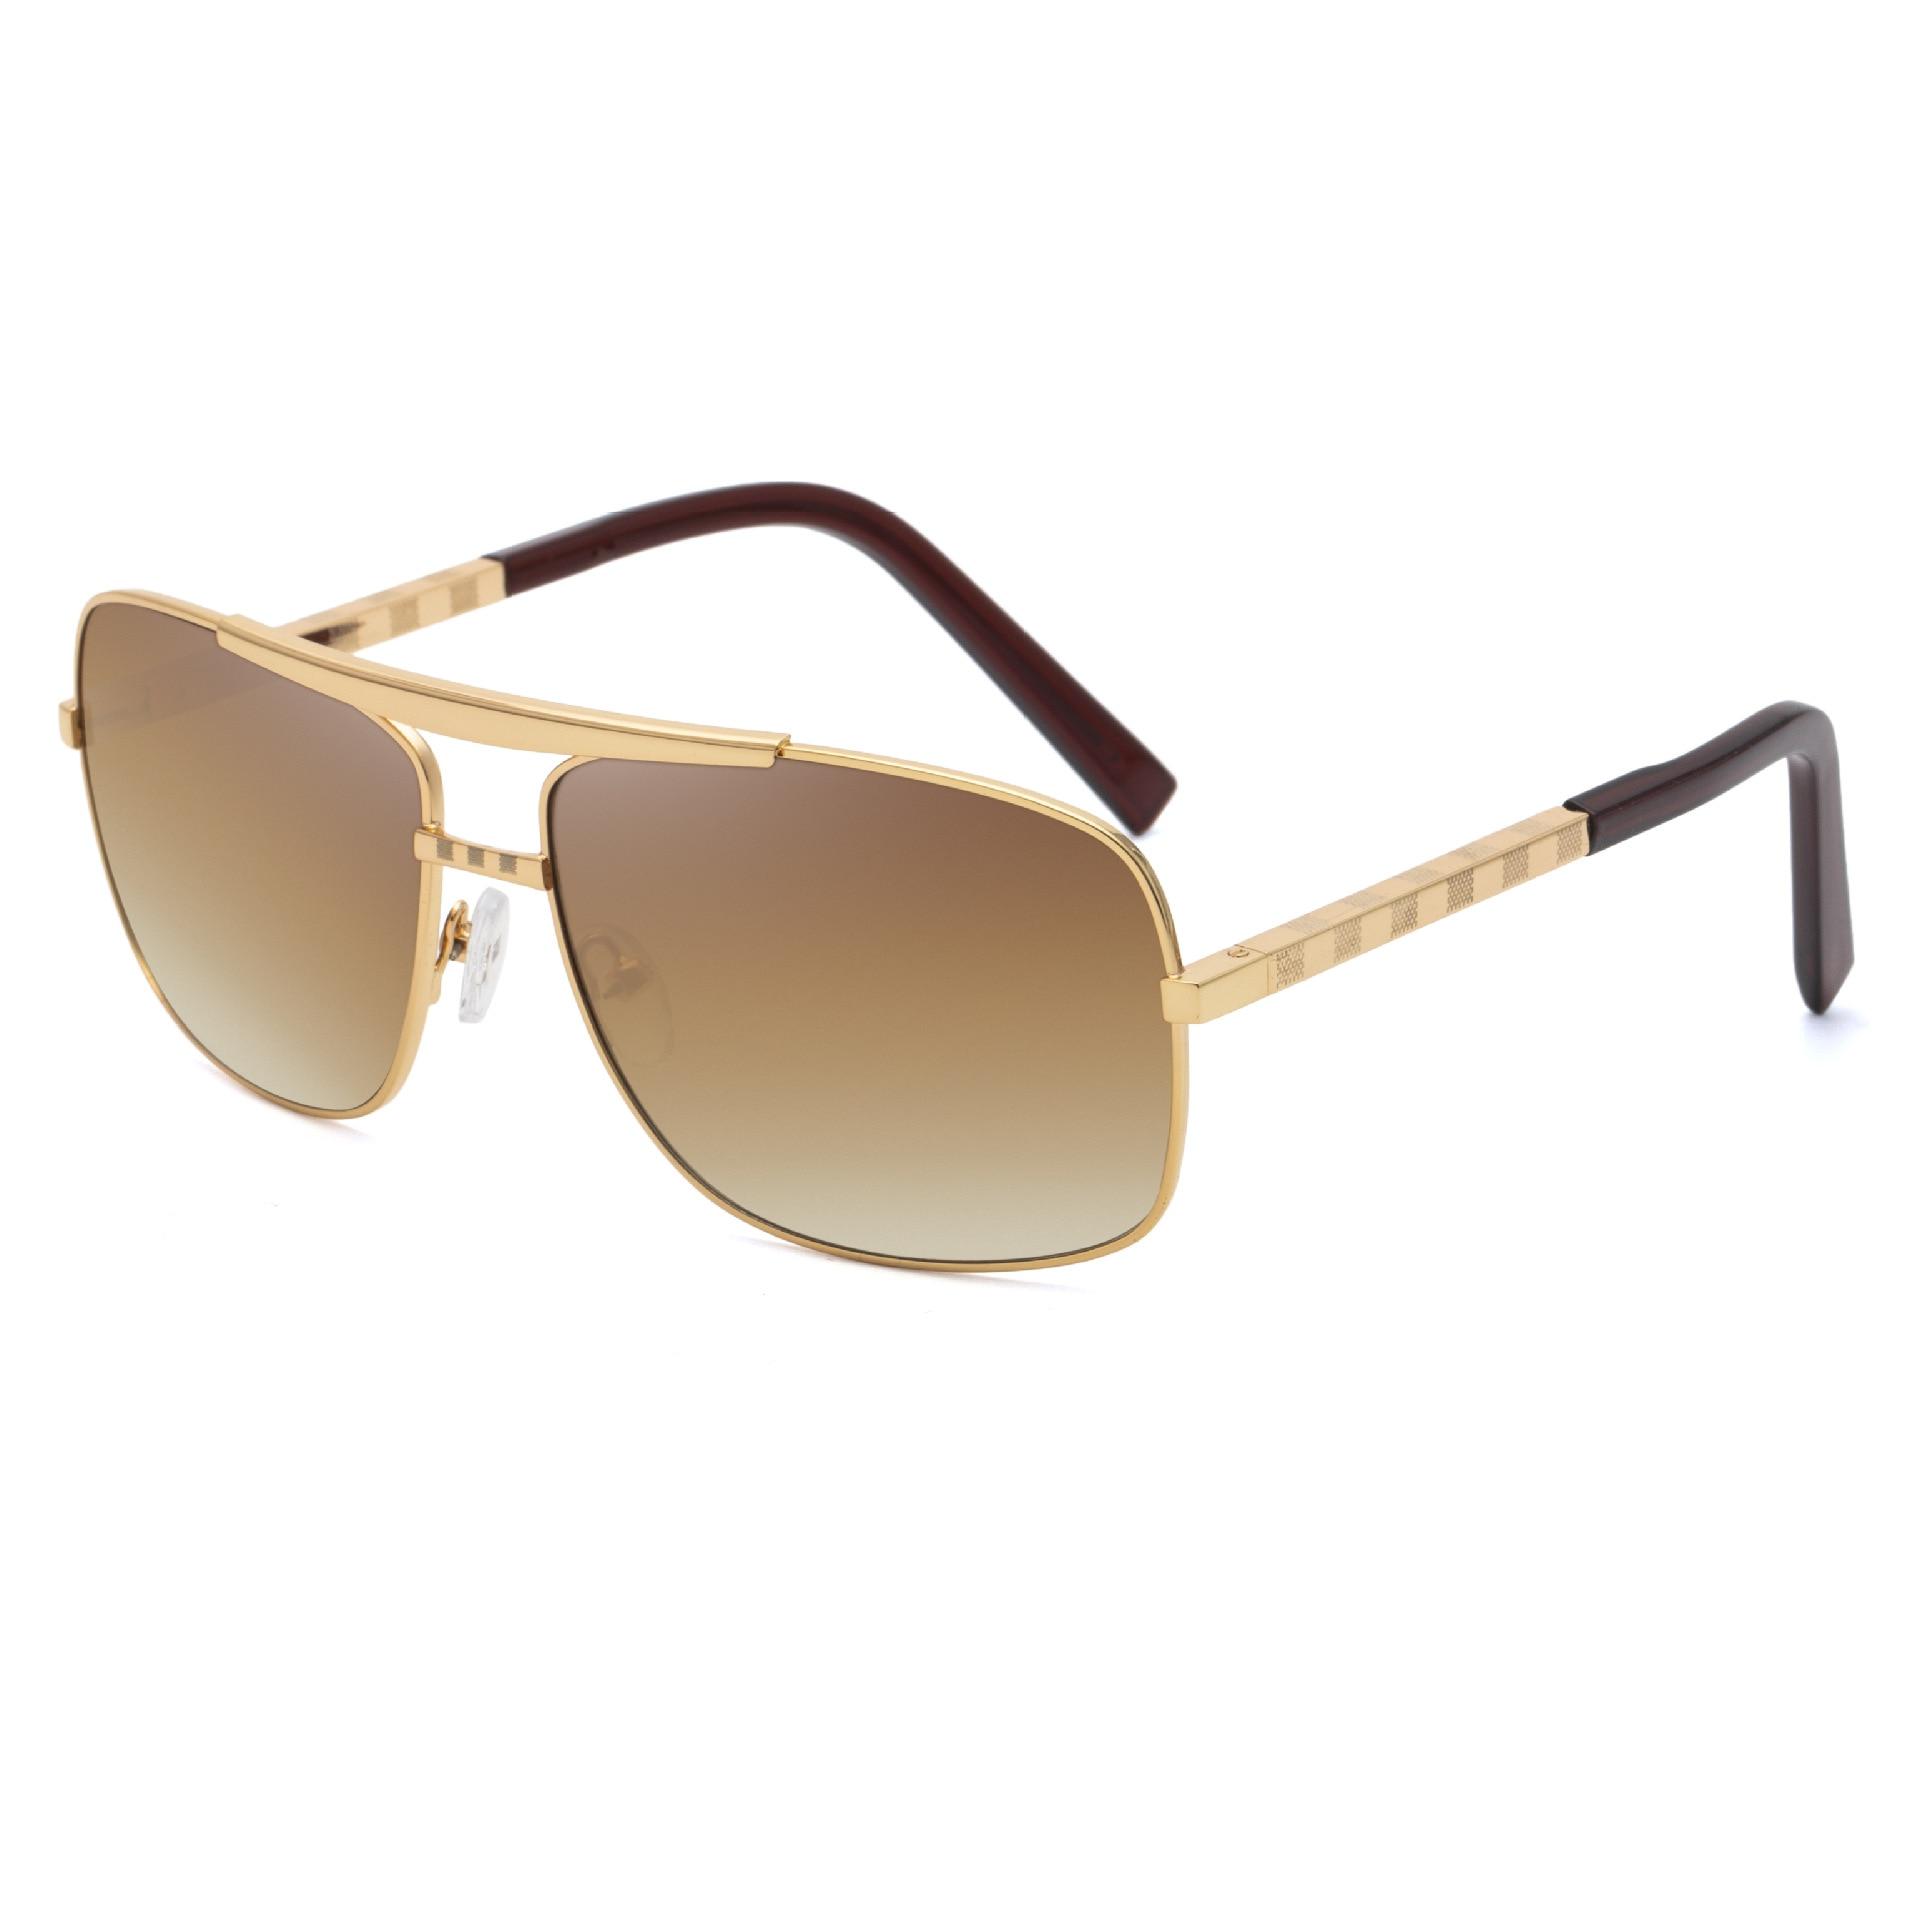 Новинка 2019, мужские солнцезащитные очки 0256, очки в стиле ретро, катапульта, оптовая продажа солнцезащитных очков, солнцезащитные очки